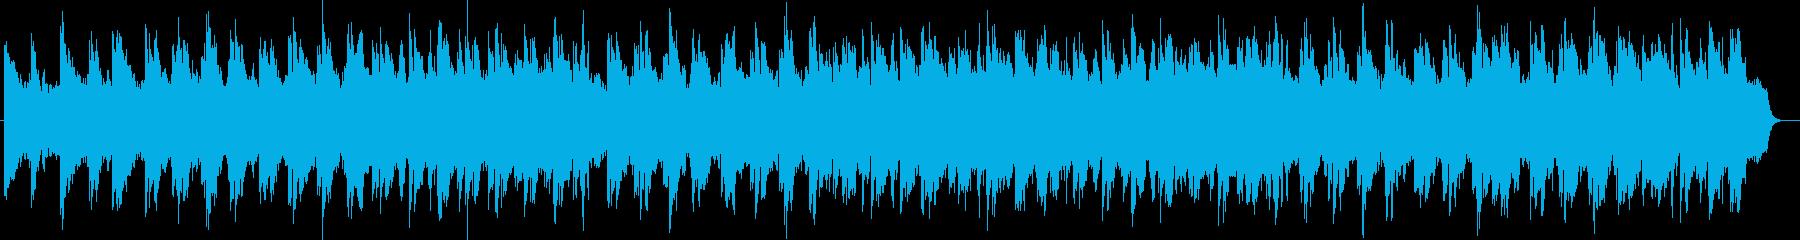 穏やかで優しく流れるヒーリングの再生済みの波形